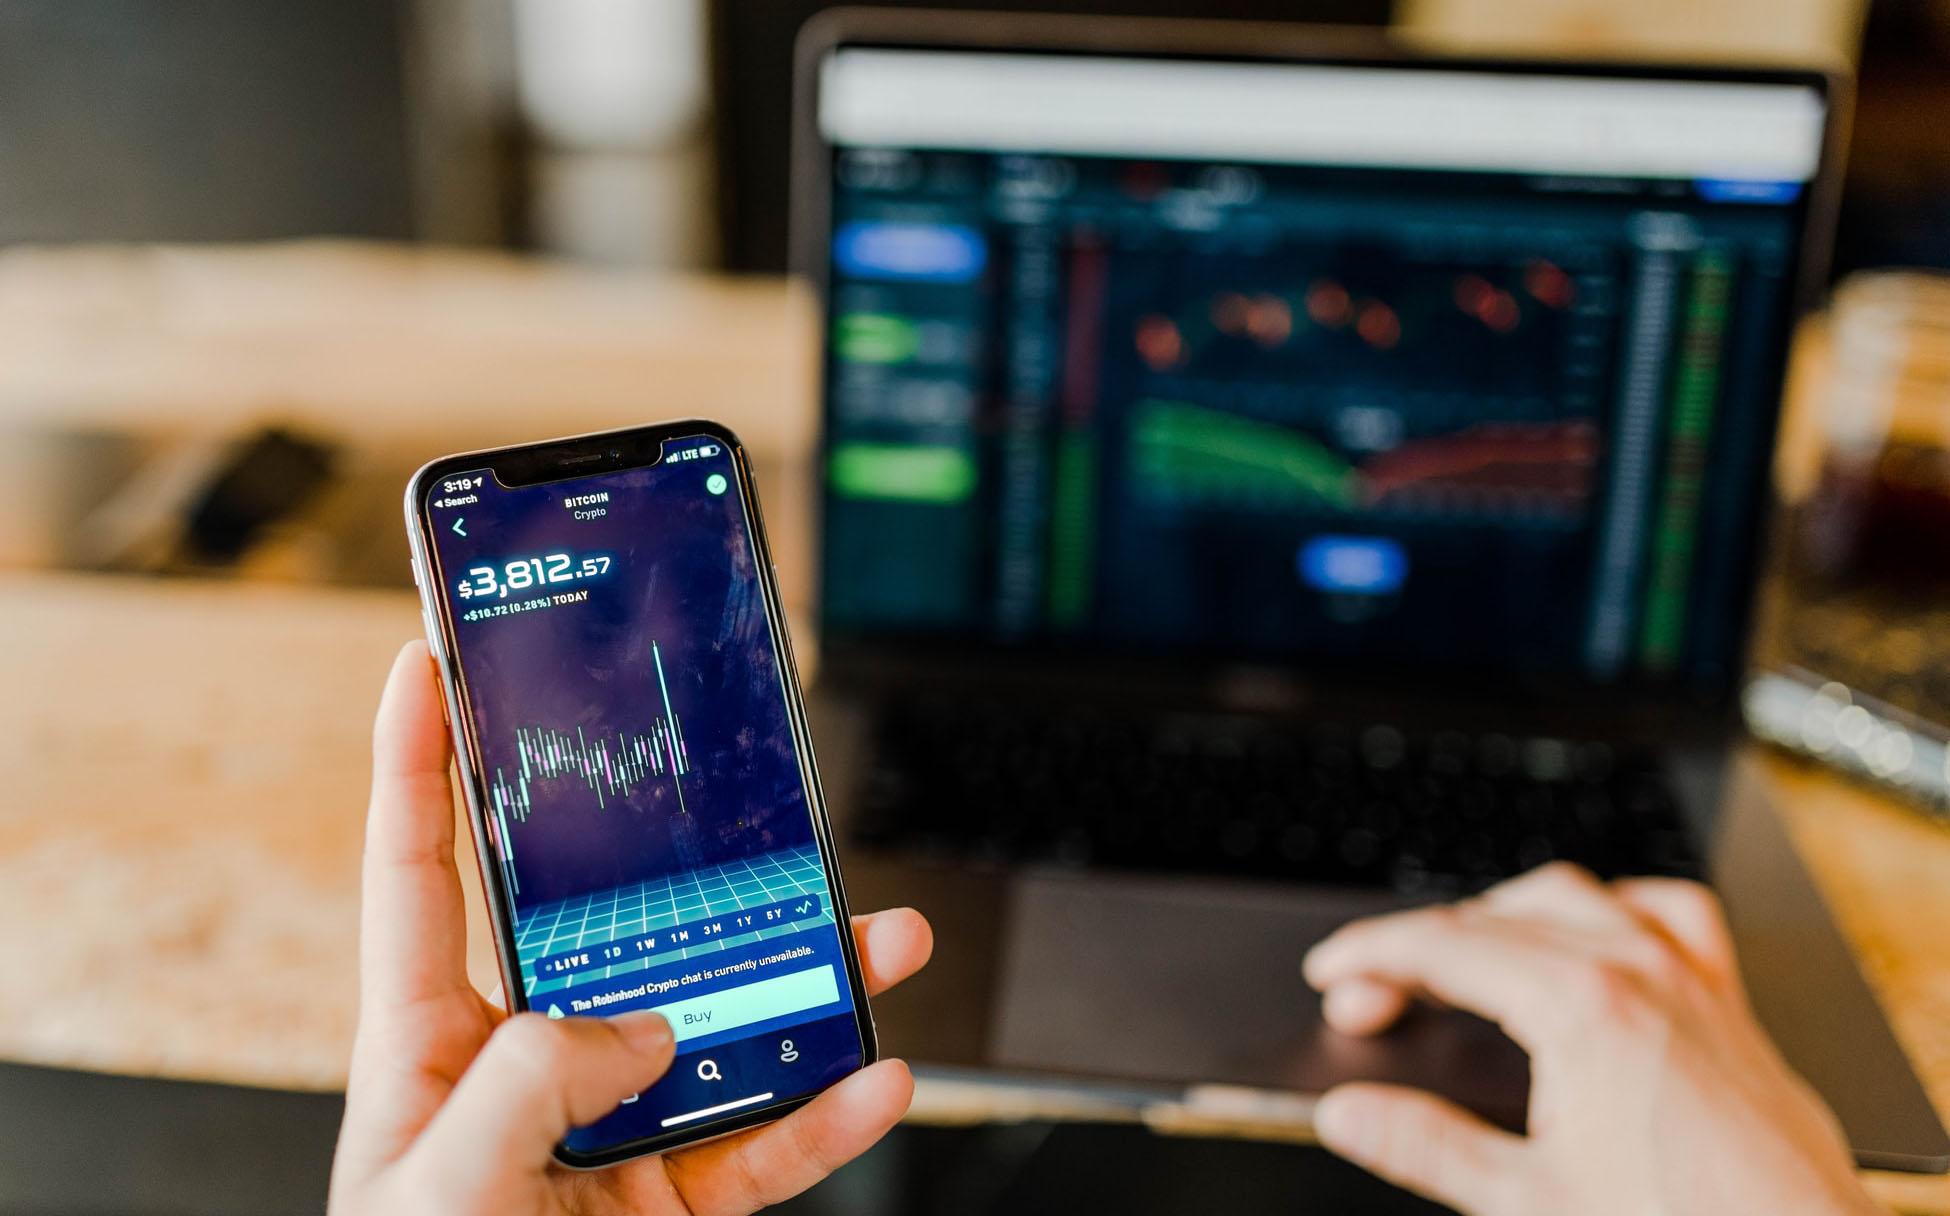 互联网金融企业近年来注册增速稳定在20-30%